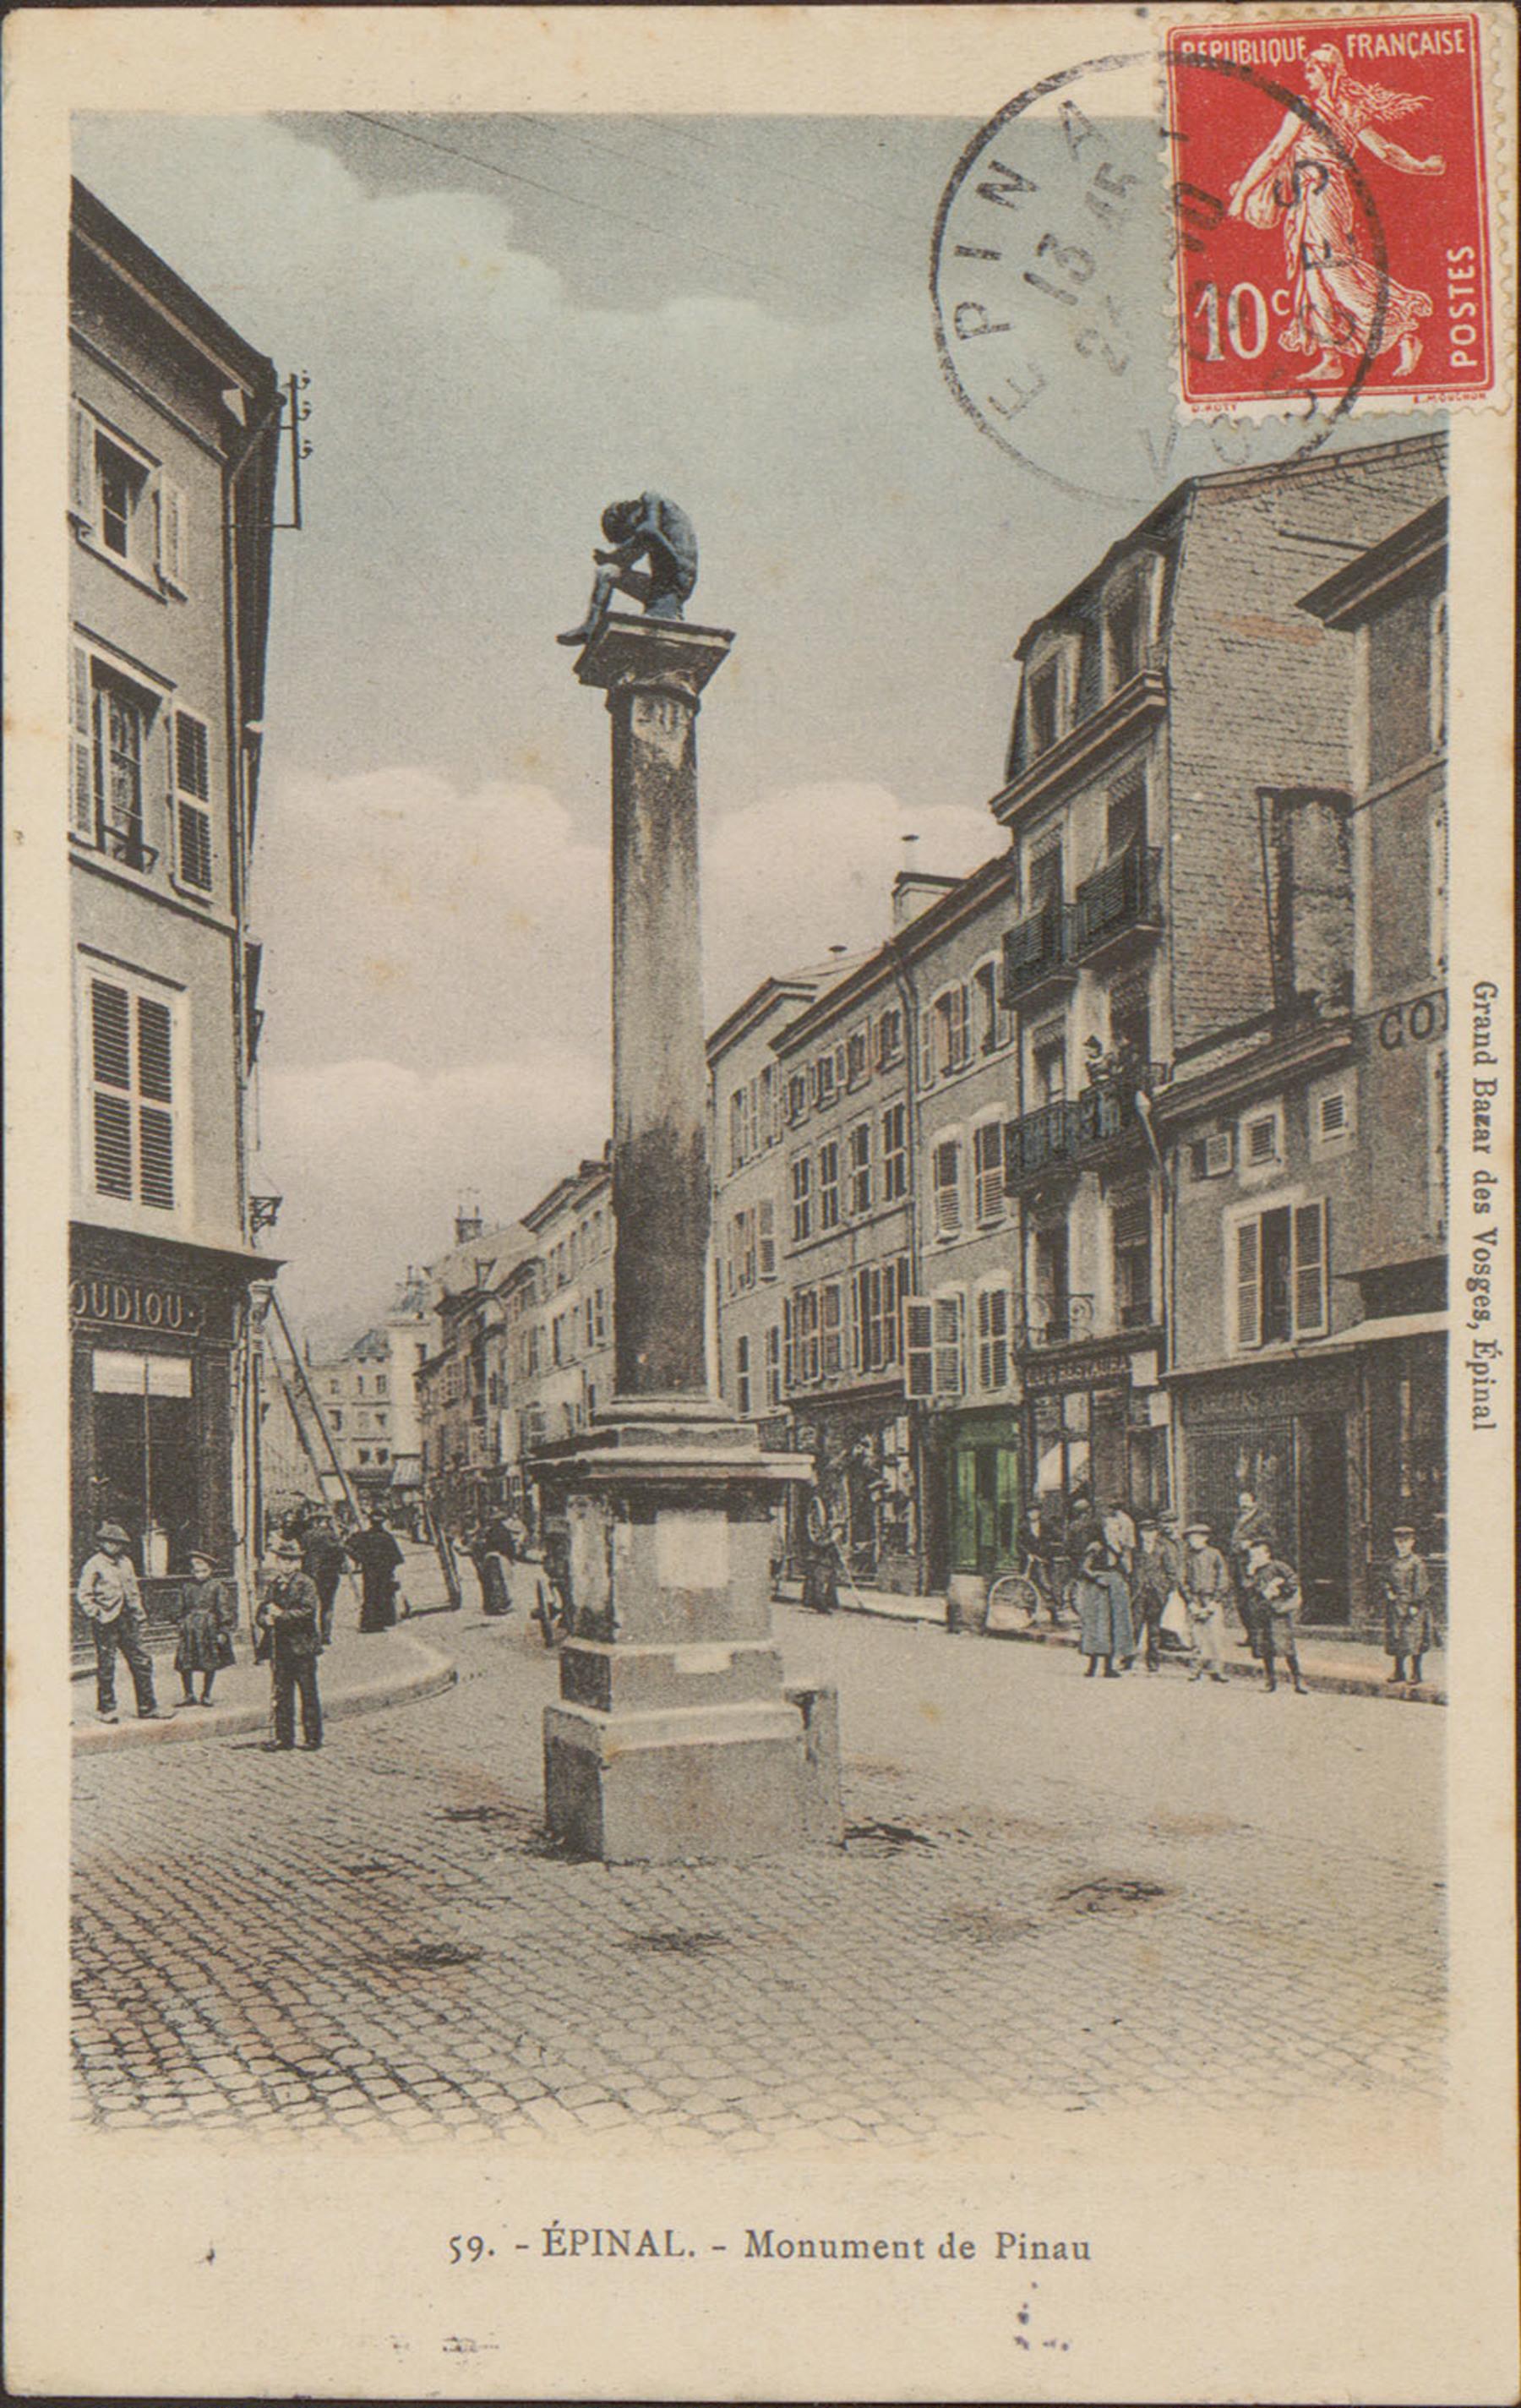 Contenu du Épinal, Monument de Pinau